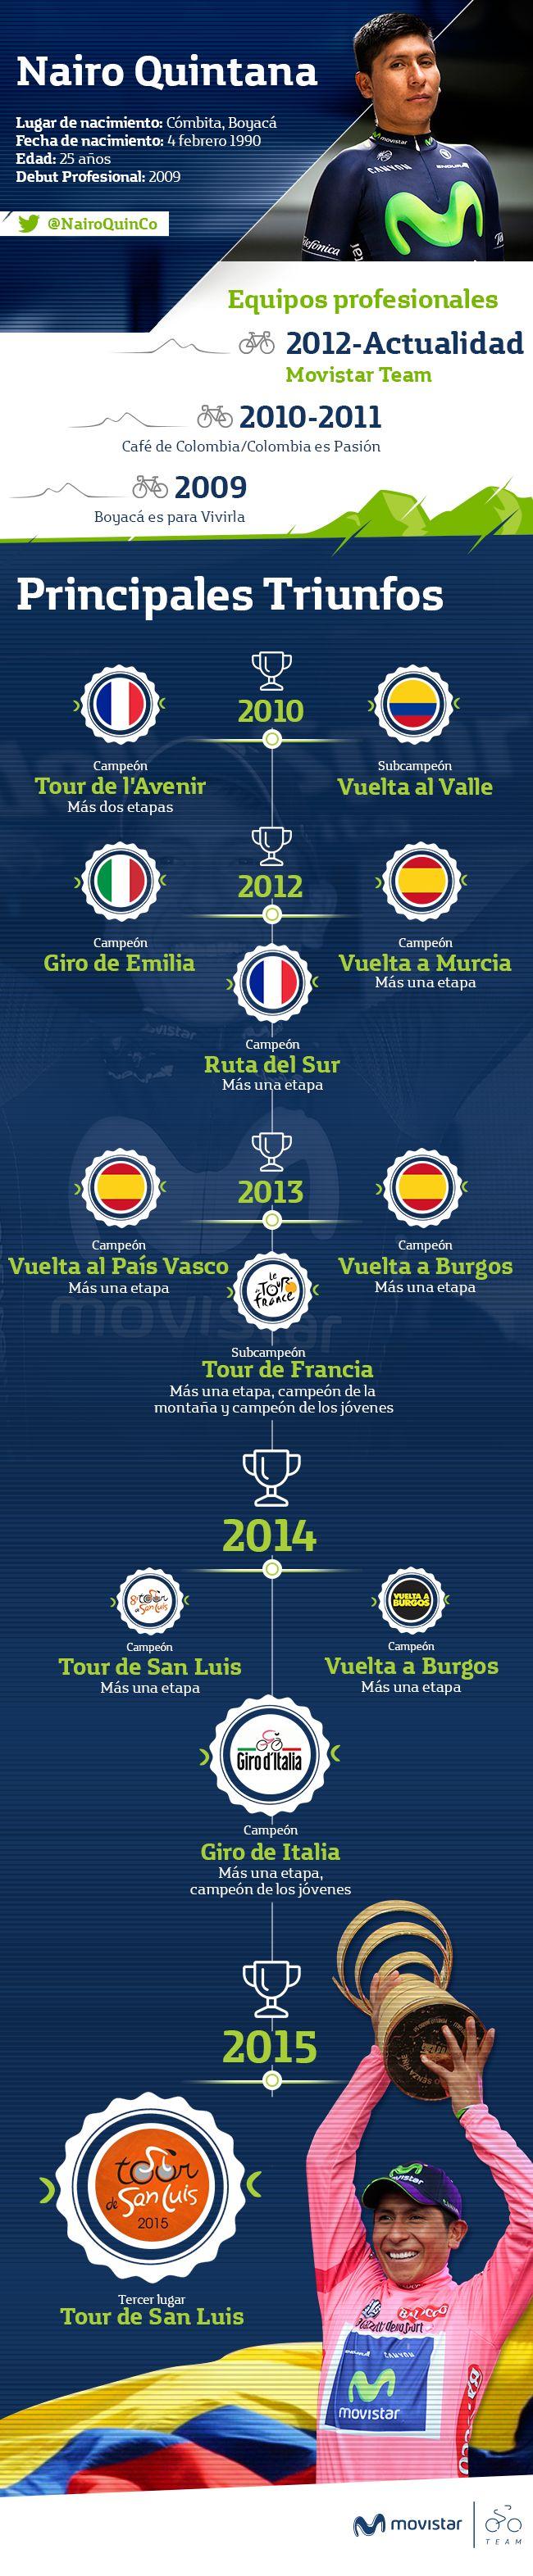 Movistar Team es Colombia